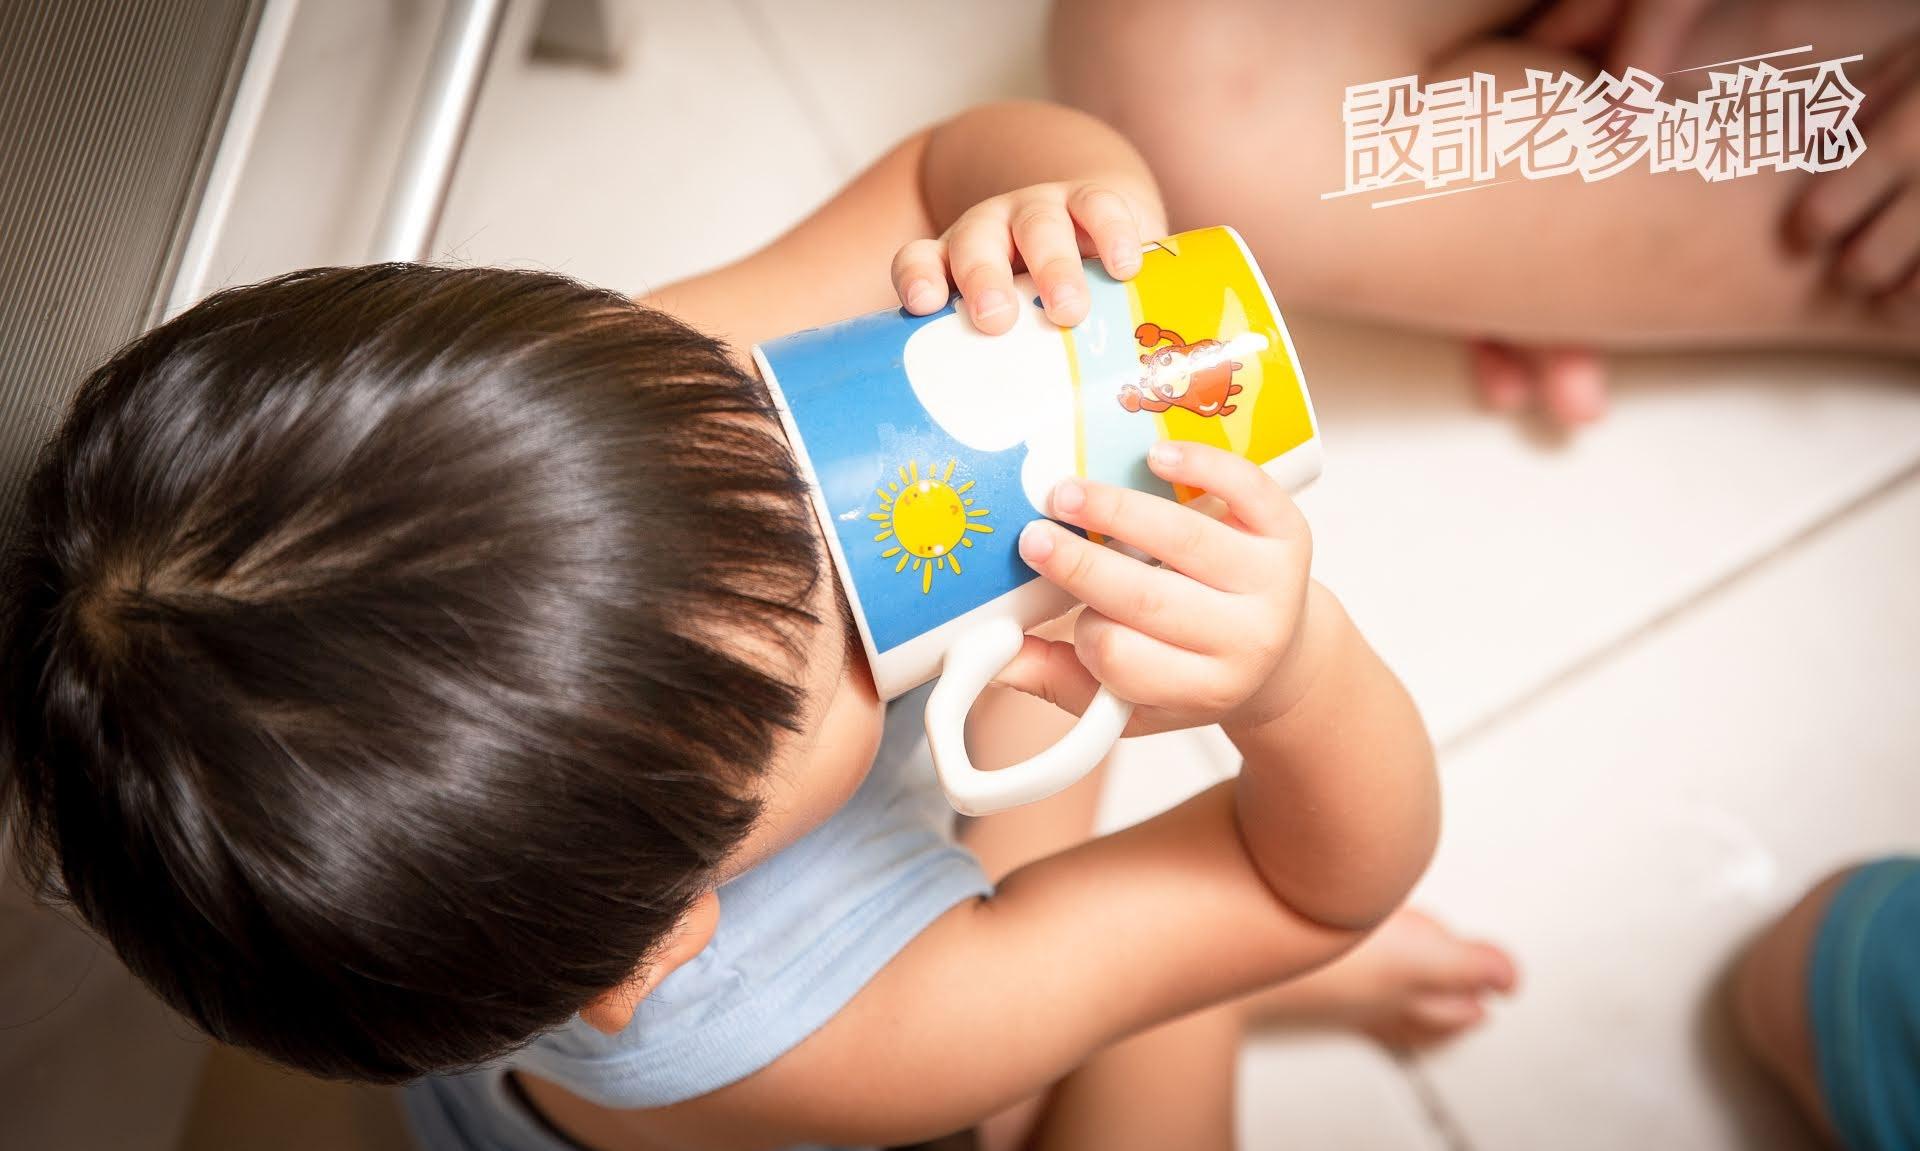 親愛的巧克力...不論大人小孩都開心、無論冷熱都療癒的好飲品